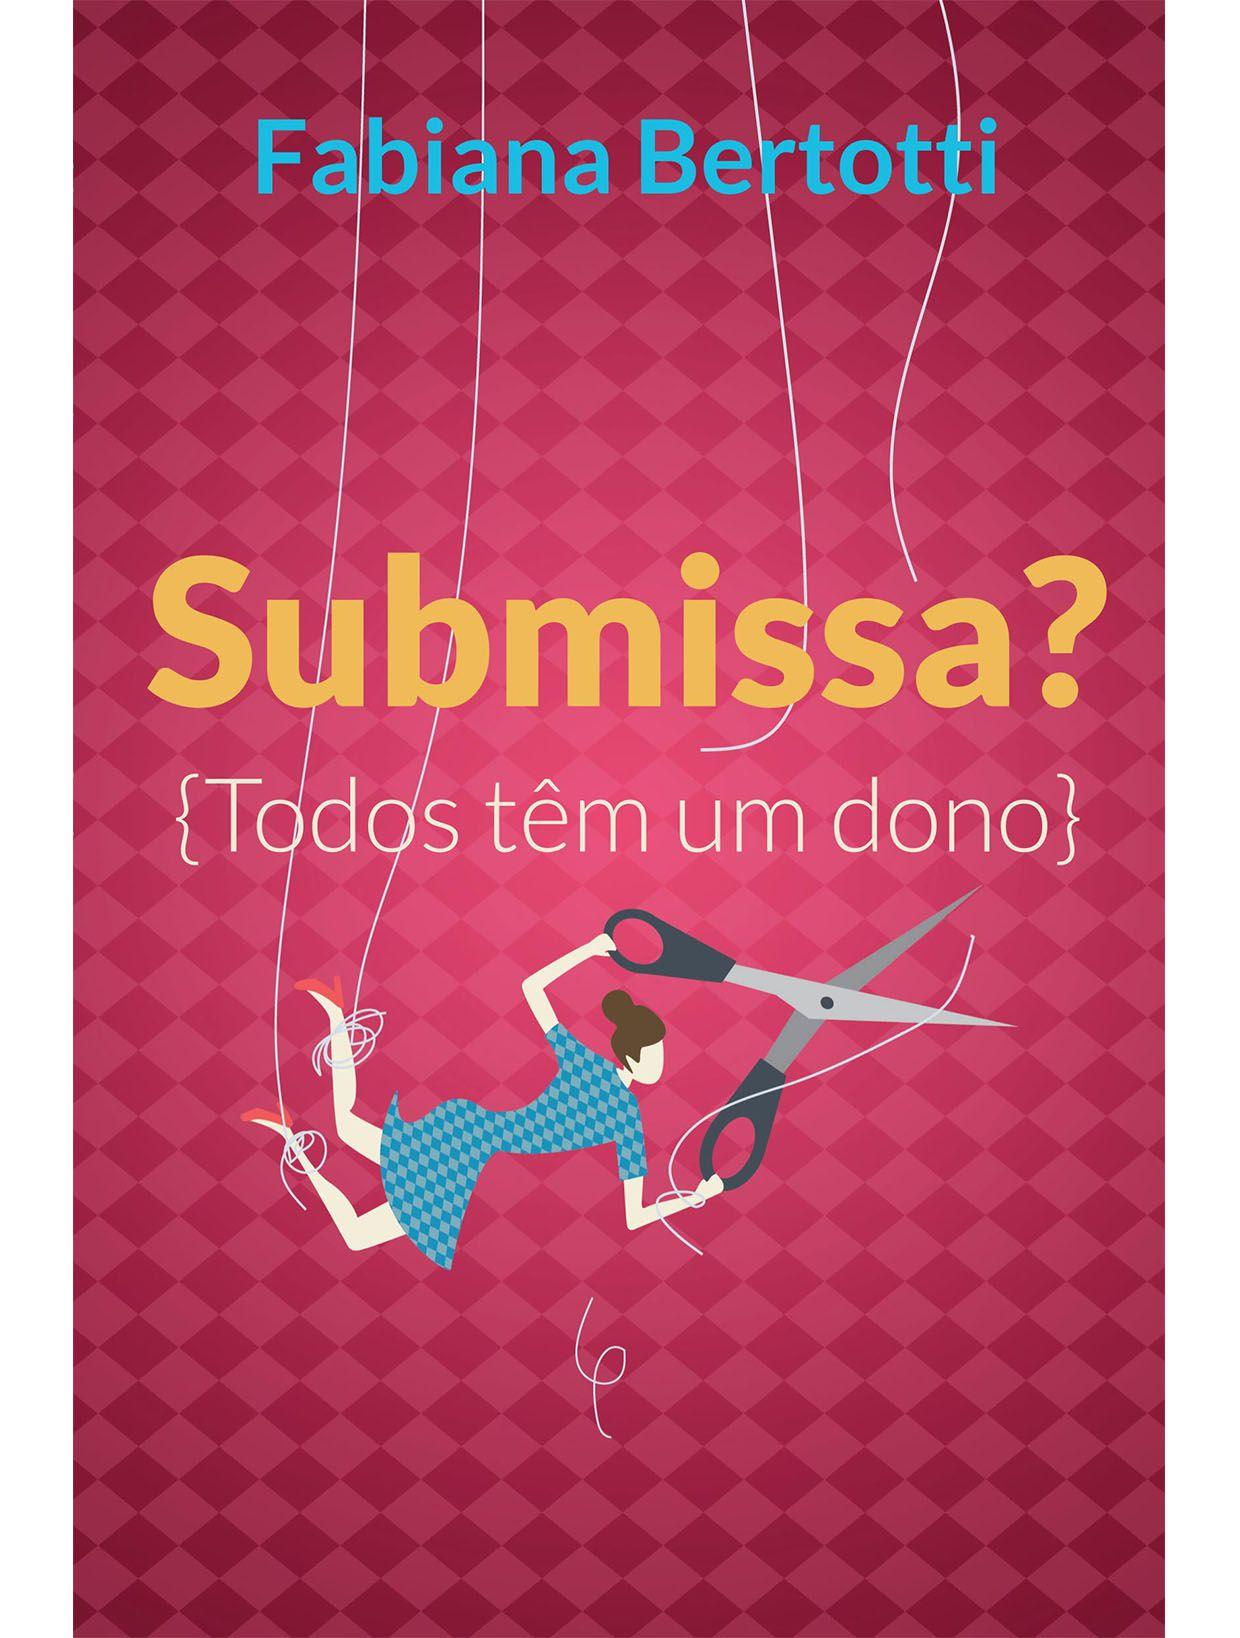 Livro - Submissa? - Fabiana Bertotti  - PAROLE EDITORA